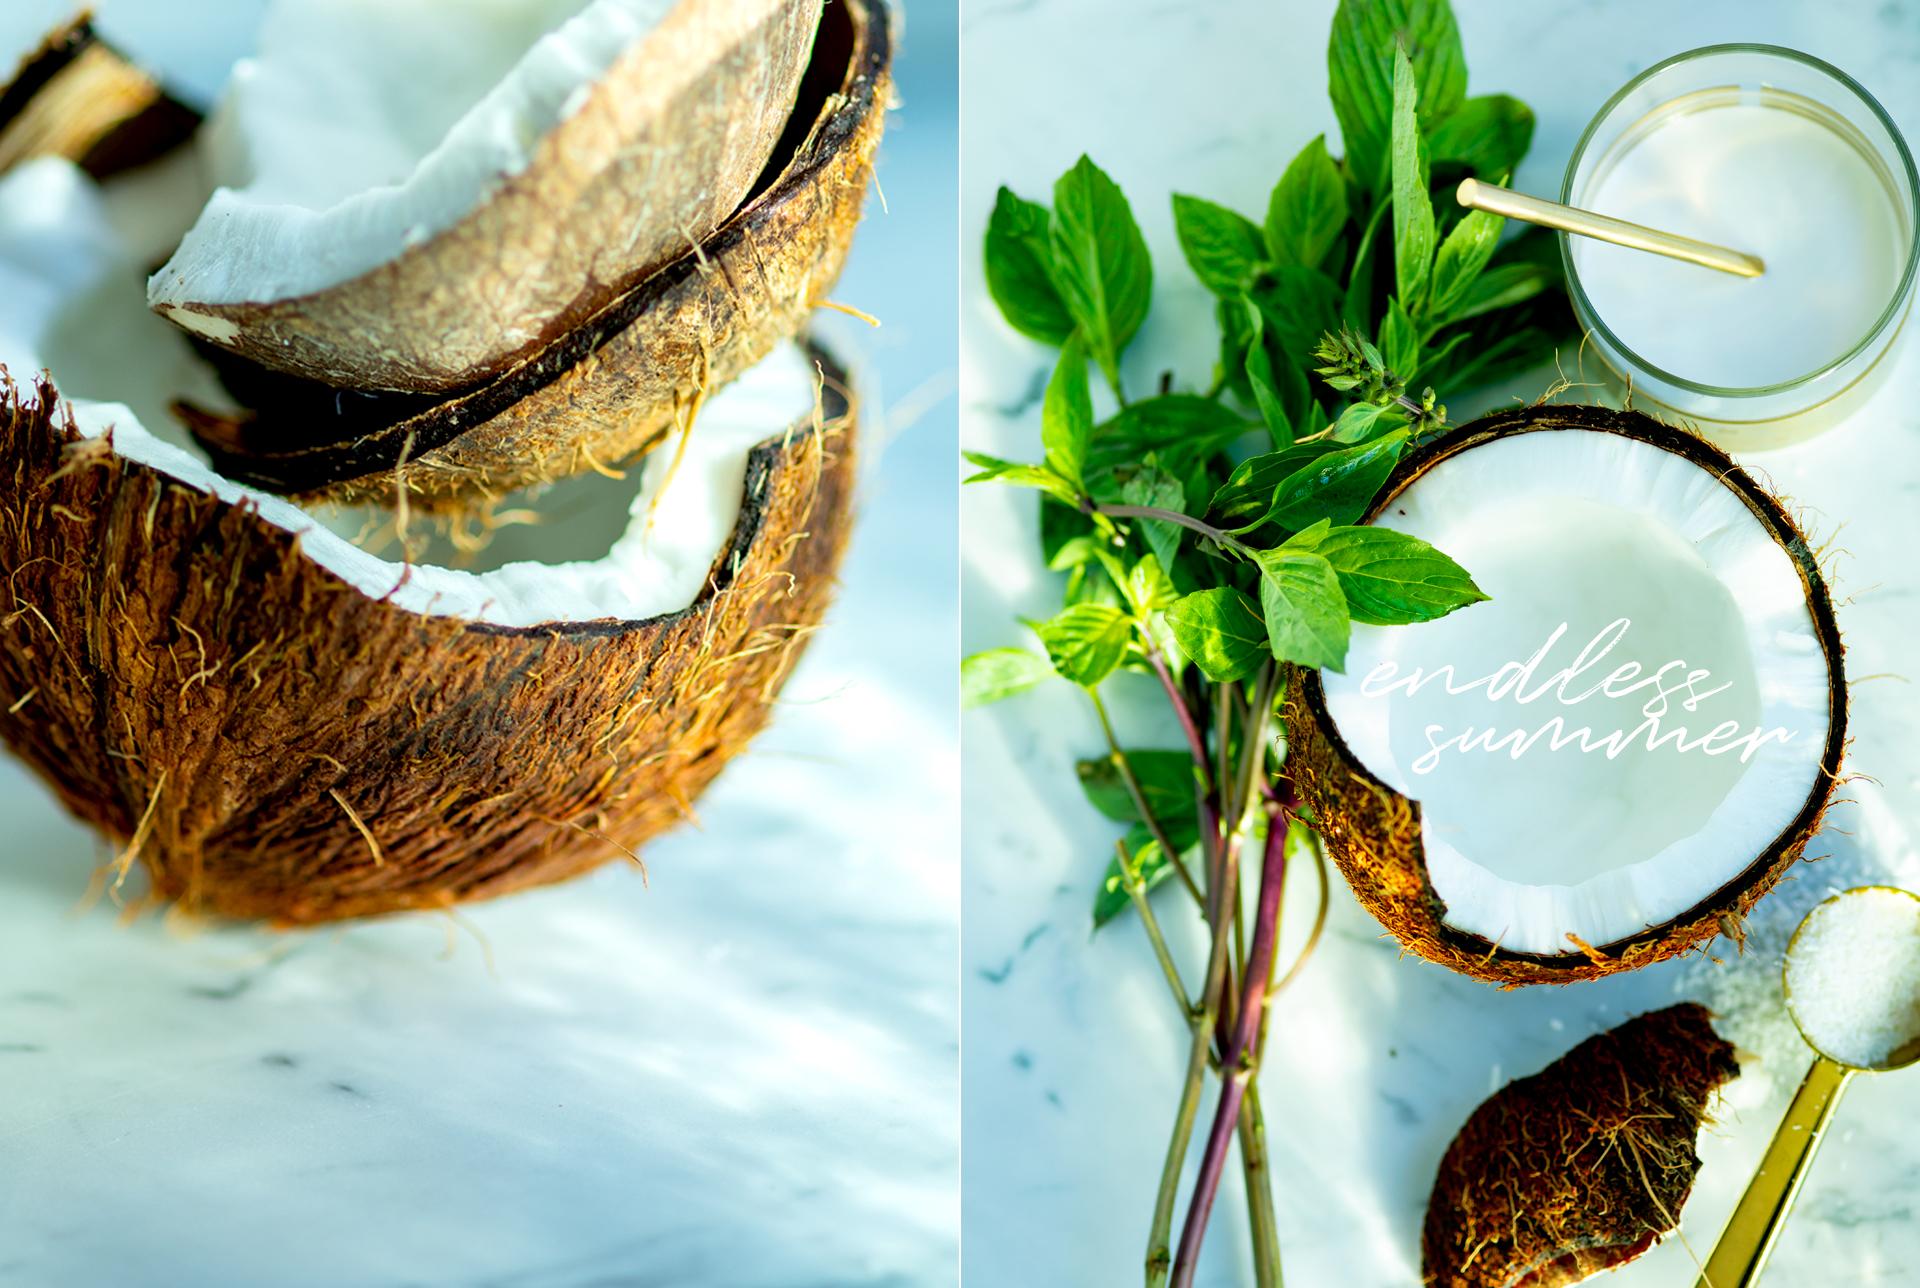 Nahaufnahme von einer aufgebrochenen Kokosnuss. geoeffnete Kokosnuss mit einem Glas Kokosmilch, einen Loeffel mit Kokosraspeln und einen Bund ThaiBasilikum - Foodfotografie Muenchen